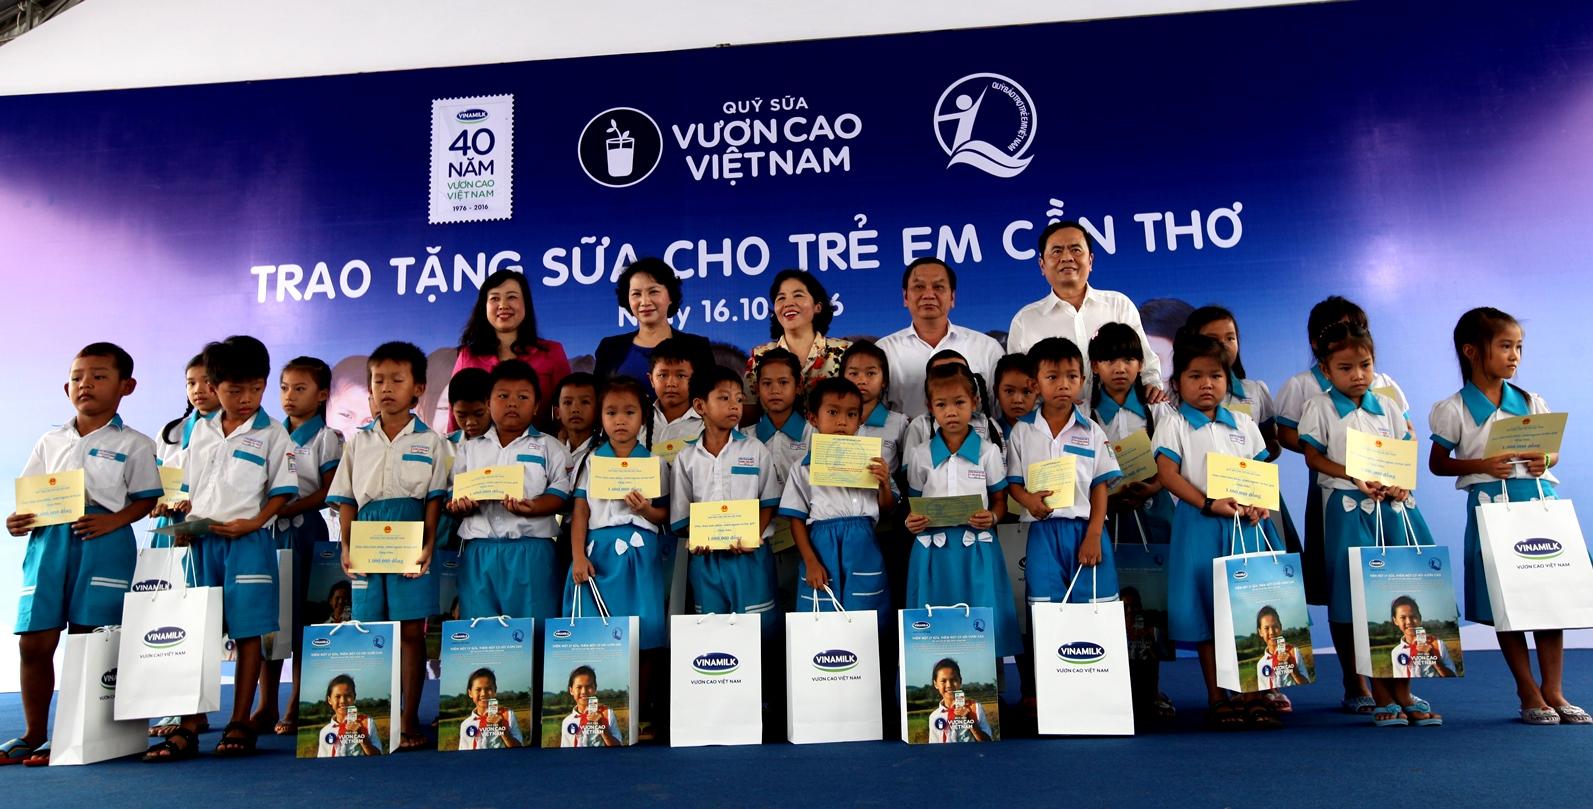 Vinamilk và Quỹ sữa Vươn cao Việt Nam trao tặng sữa cho trẻ em Cần Thơ - Ảnh 9